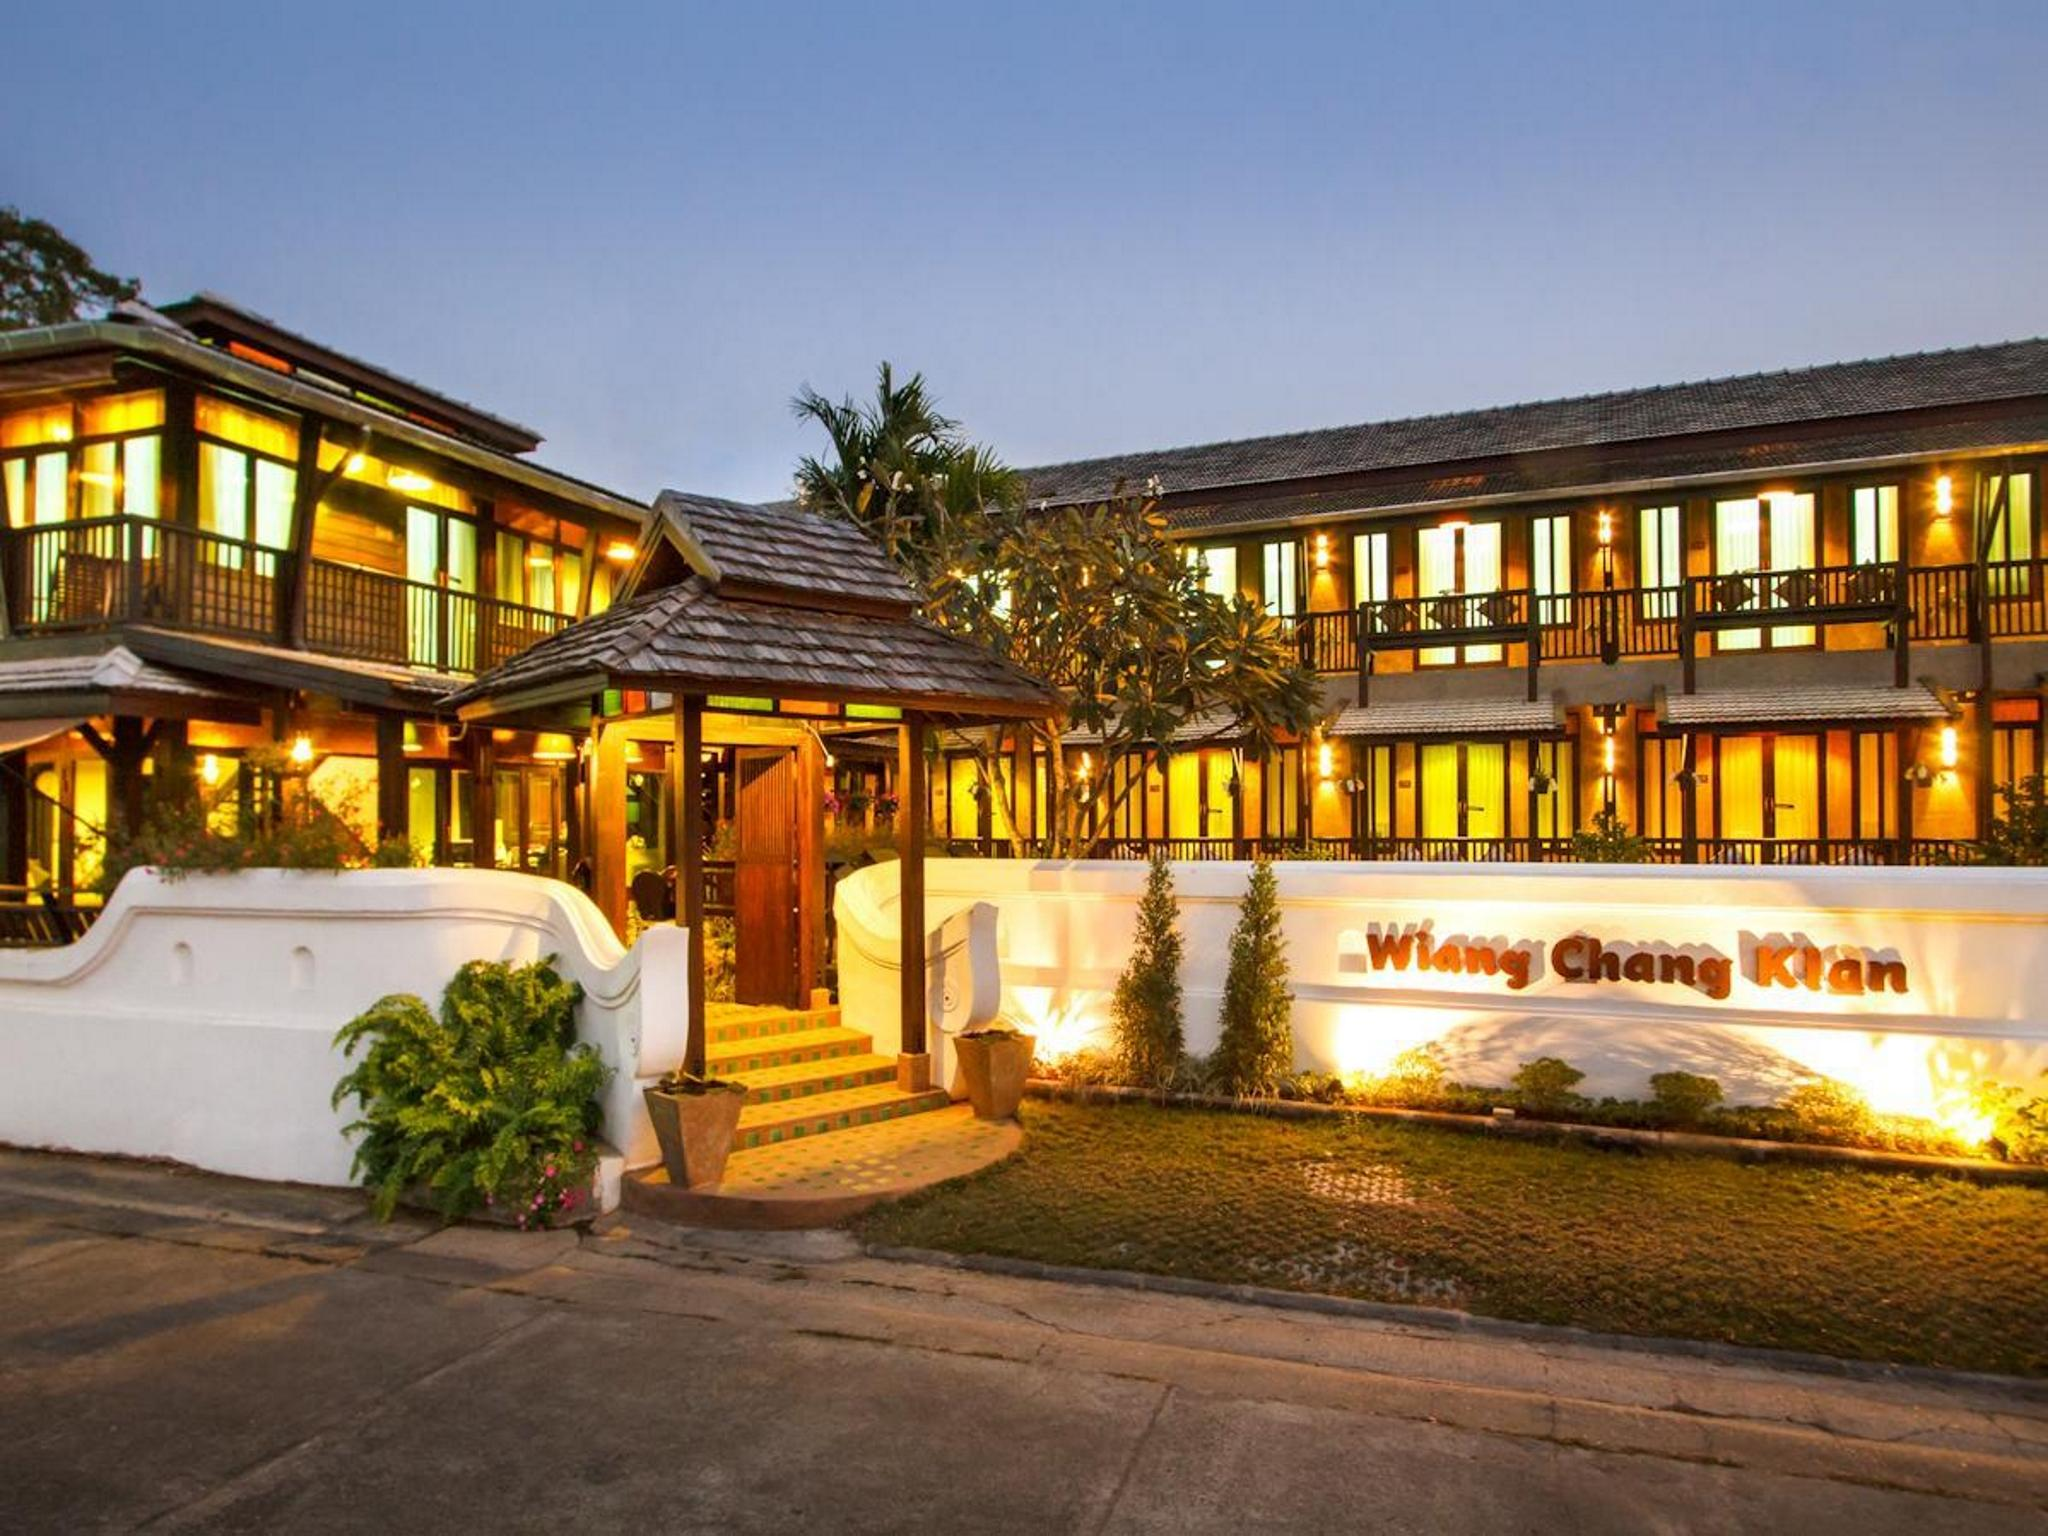 รีวิว เวียง ช้าง คลาน บูติก โฮเต็ล (Wiang Chang Klan Boutique Hotel) ลดกระหน่ำ